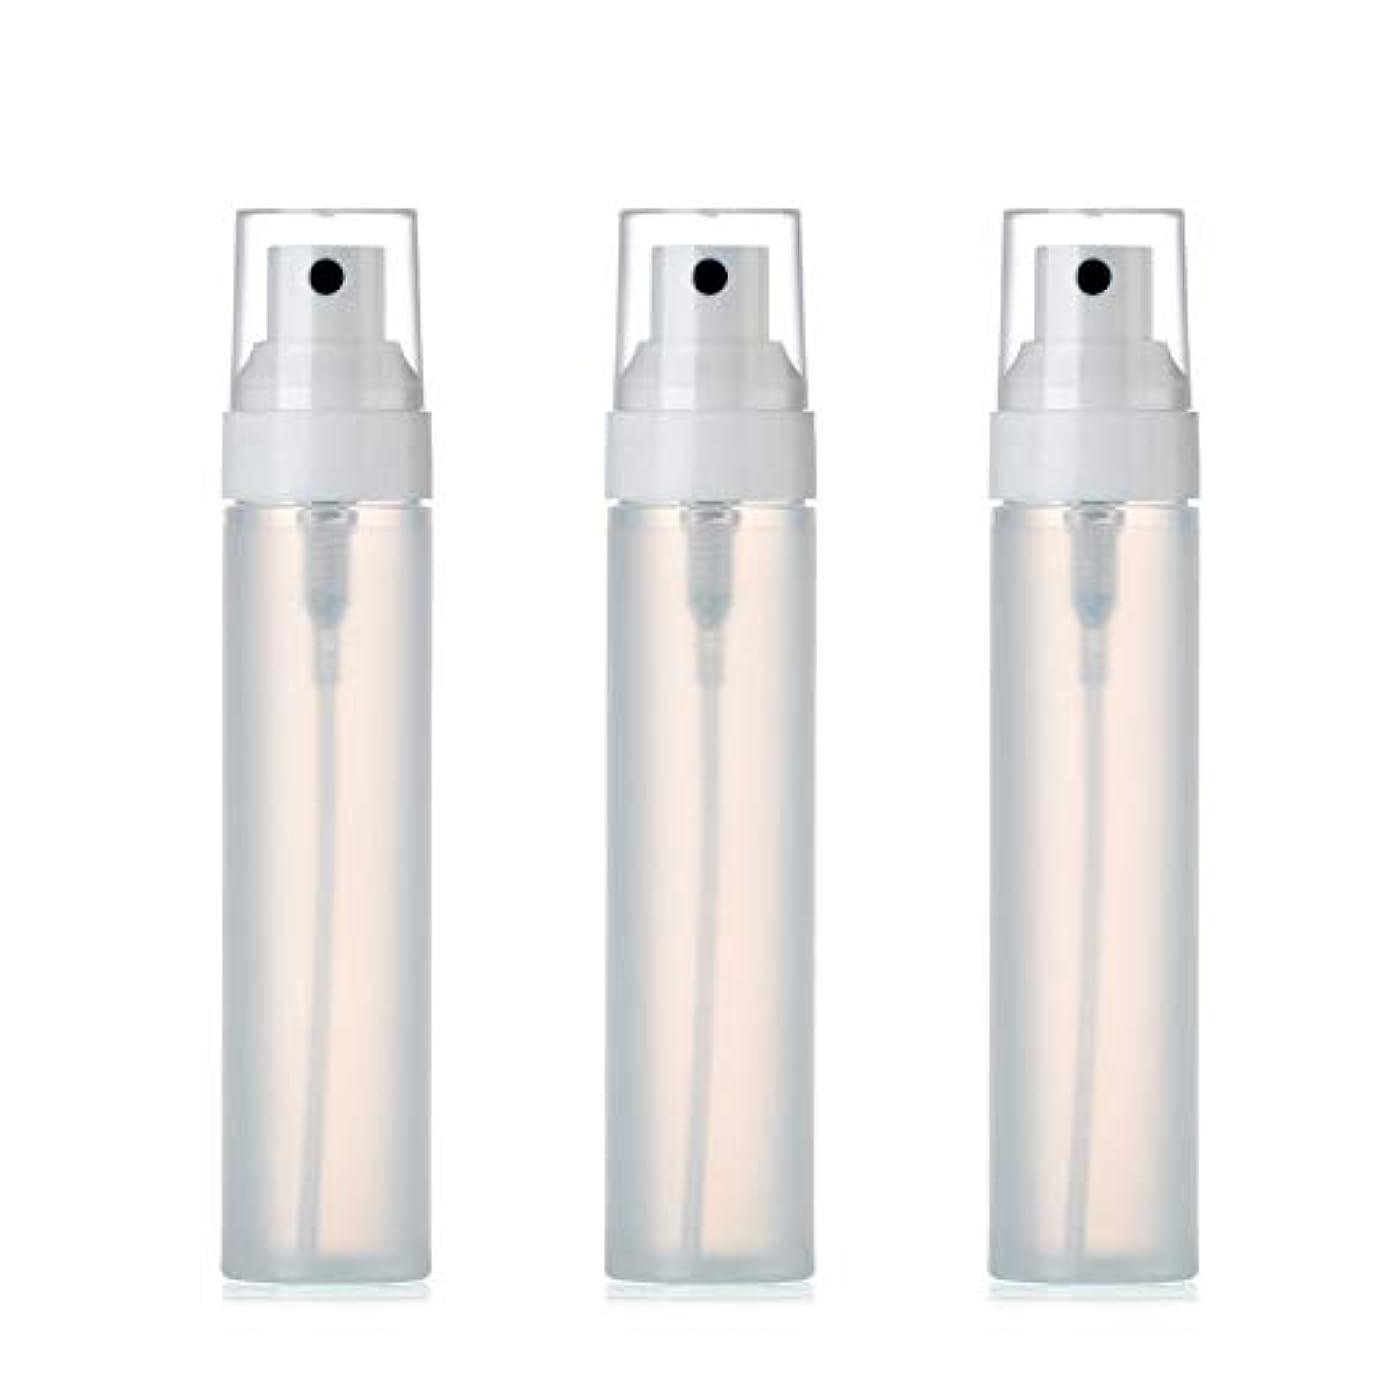 受信テンポ良性極細のミスト 小分けボトル 3本セット 半透明 トラベルボトル PP 磨砂 スプレーボトル 化粧水 詰替用ボトル 霧吹き 環境保護 詰め替え容器 旅行用品 (50ml)